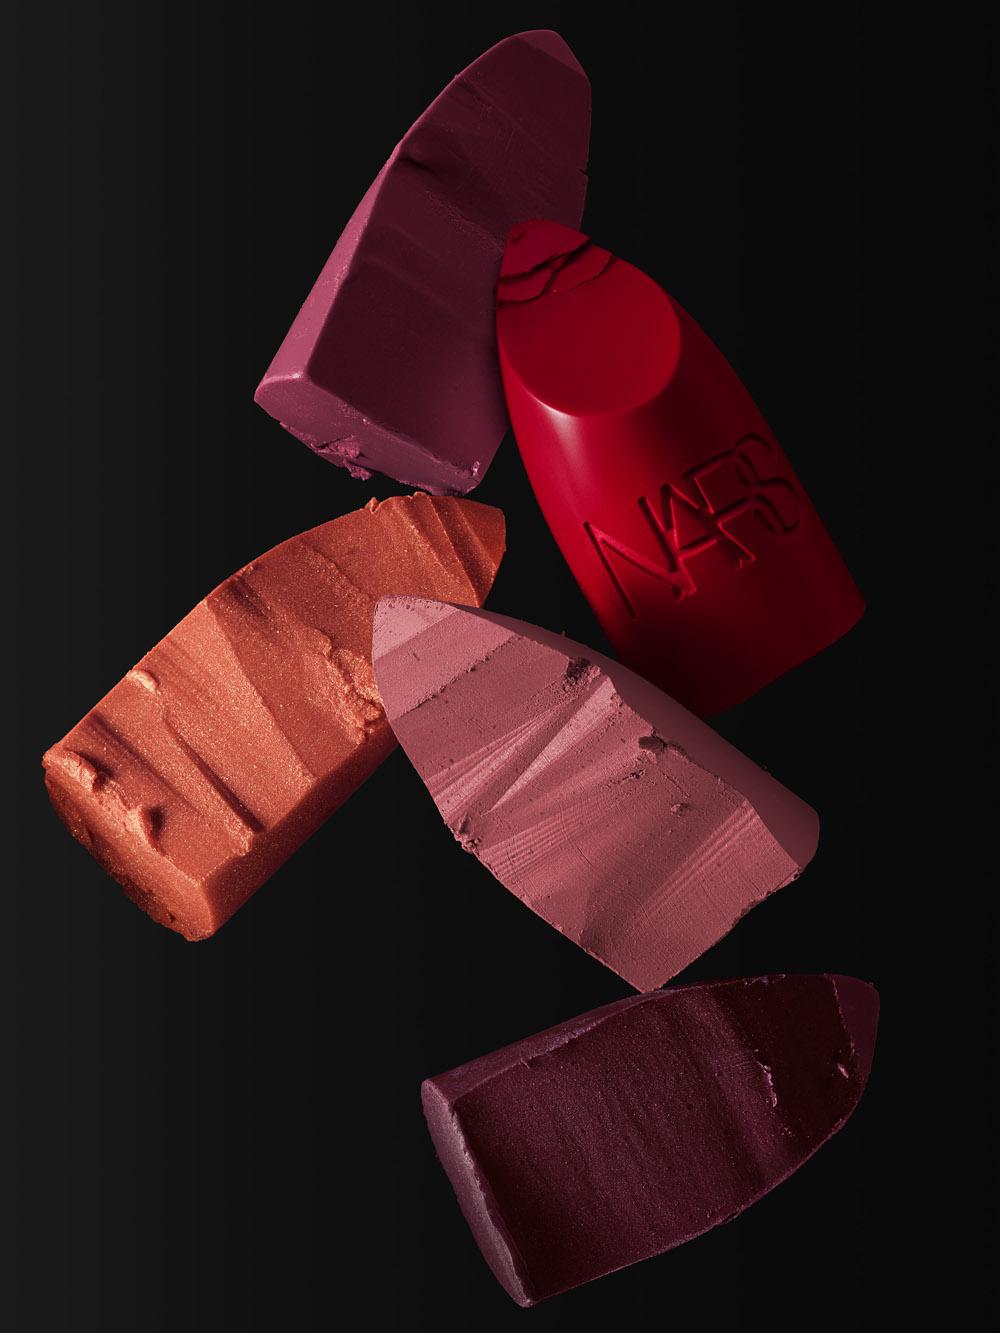 NARS Iconic Lipstick Group Stylized Image (1)